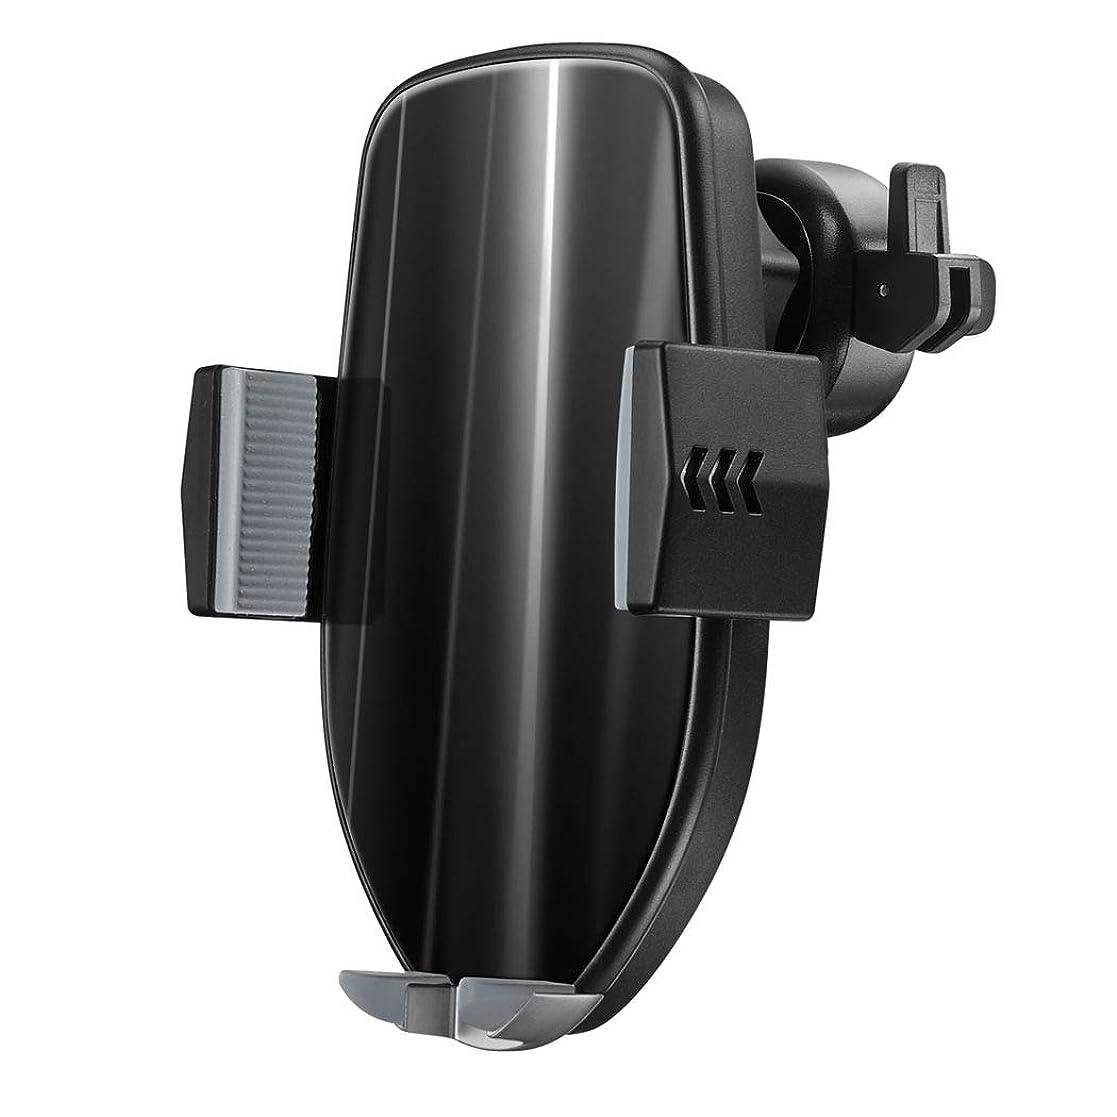 バーマドコンペ汚い携帯電話ホルダーIphone Xr、Xs、X、X、8、7、Samsung Note 9、S8 Huawei用360度回転空気出口カーブラケットインテリジェント縮小携帯電話ホルダー,Black